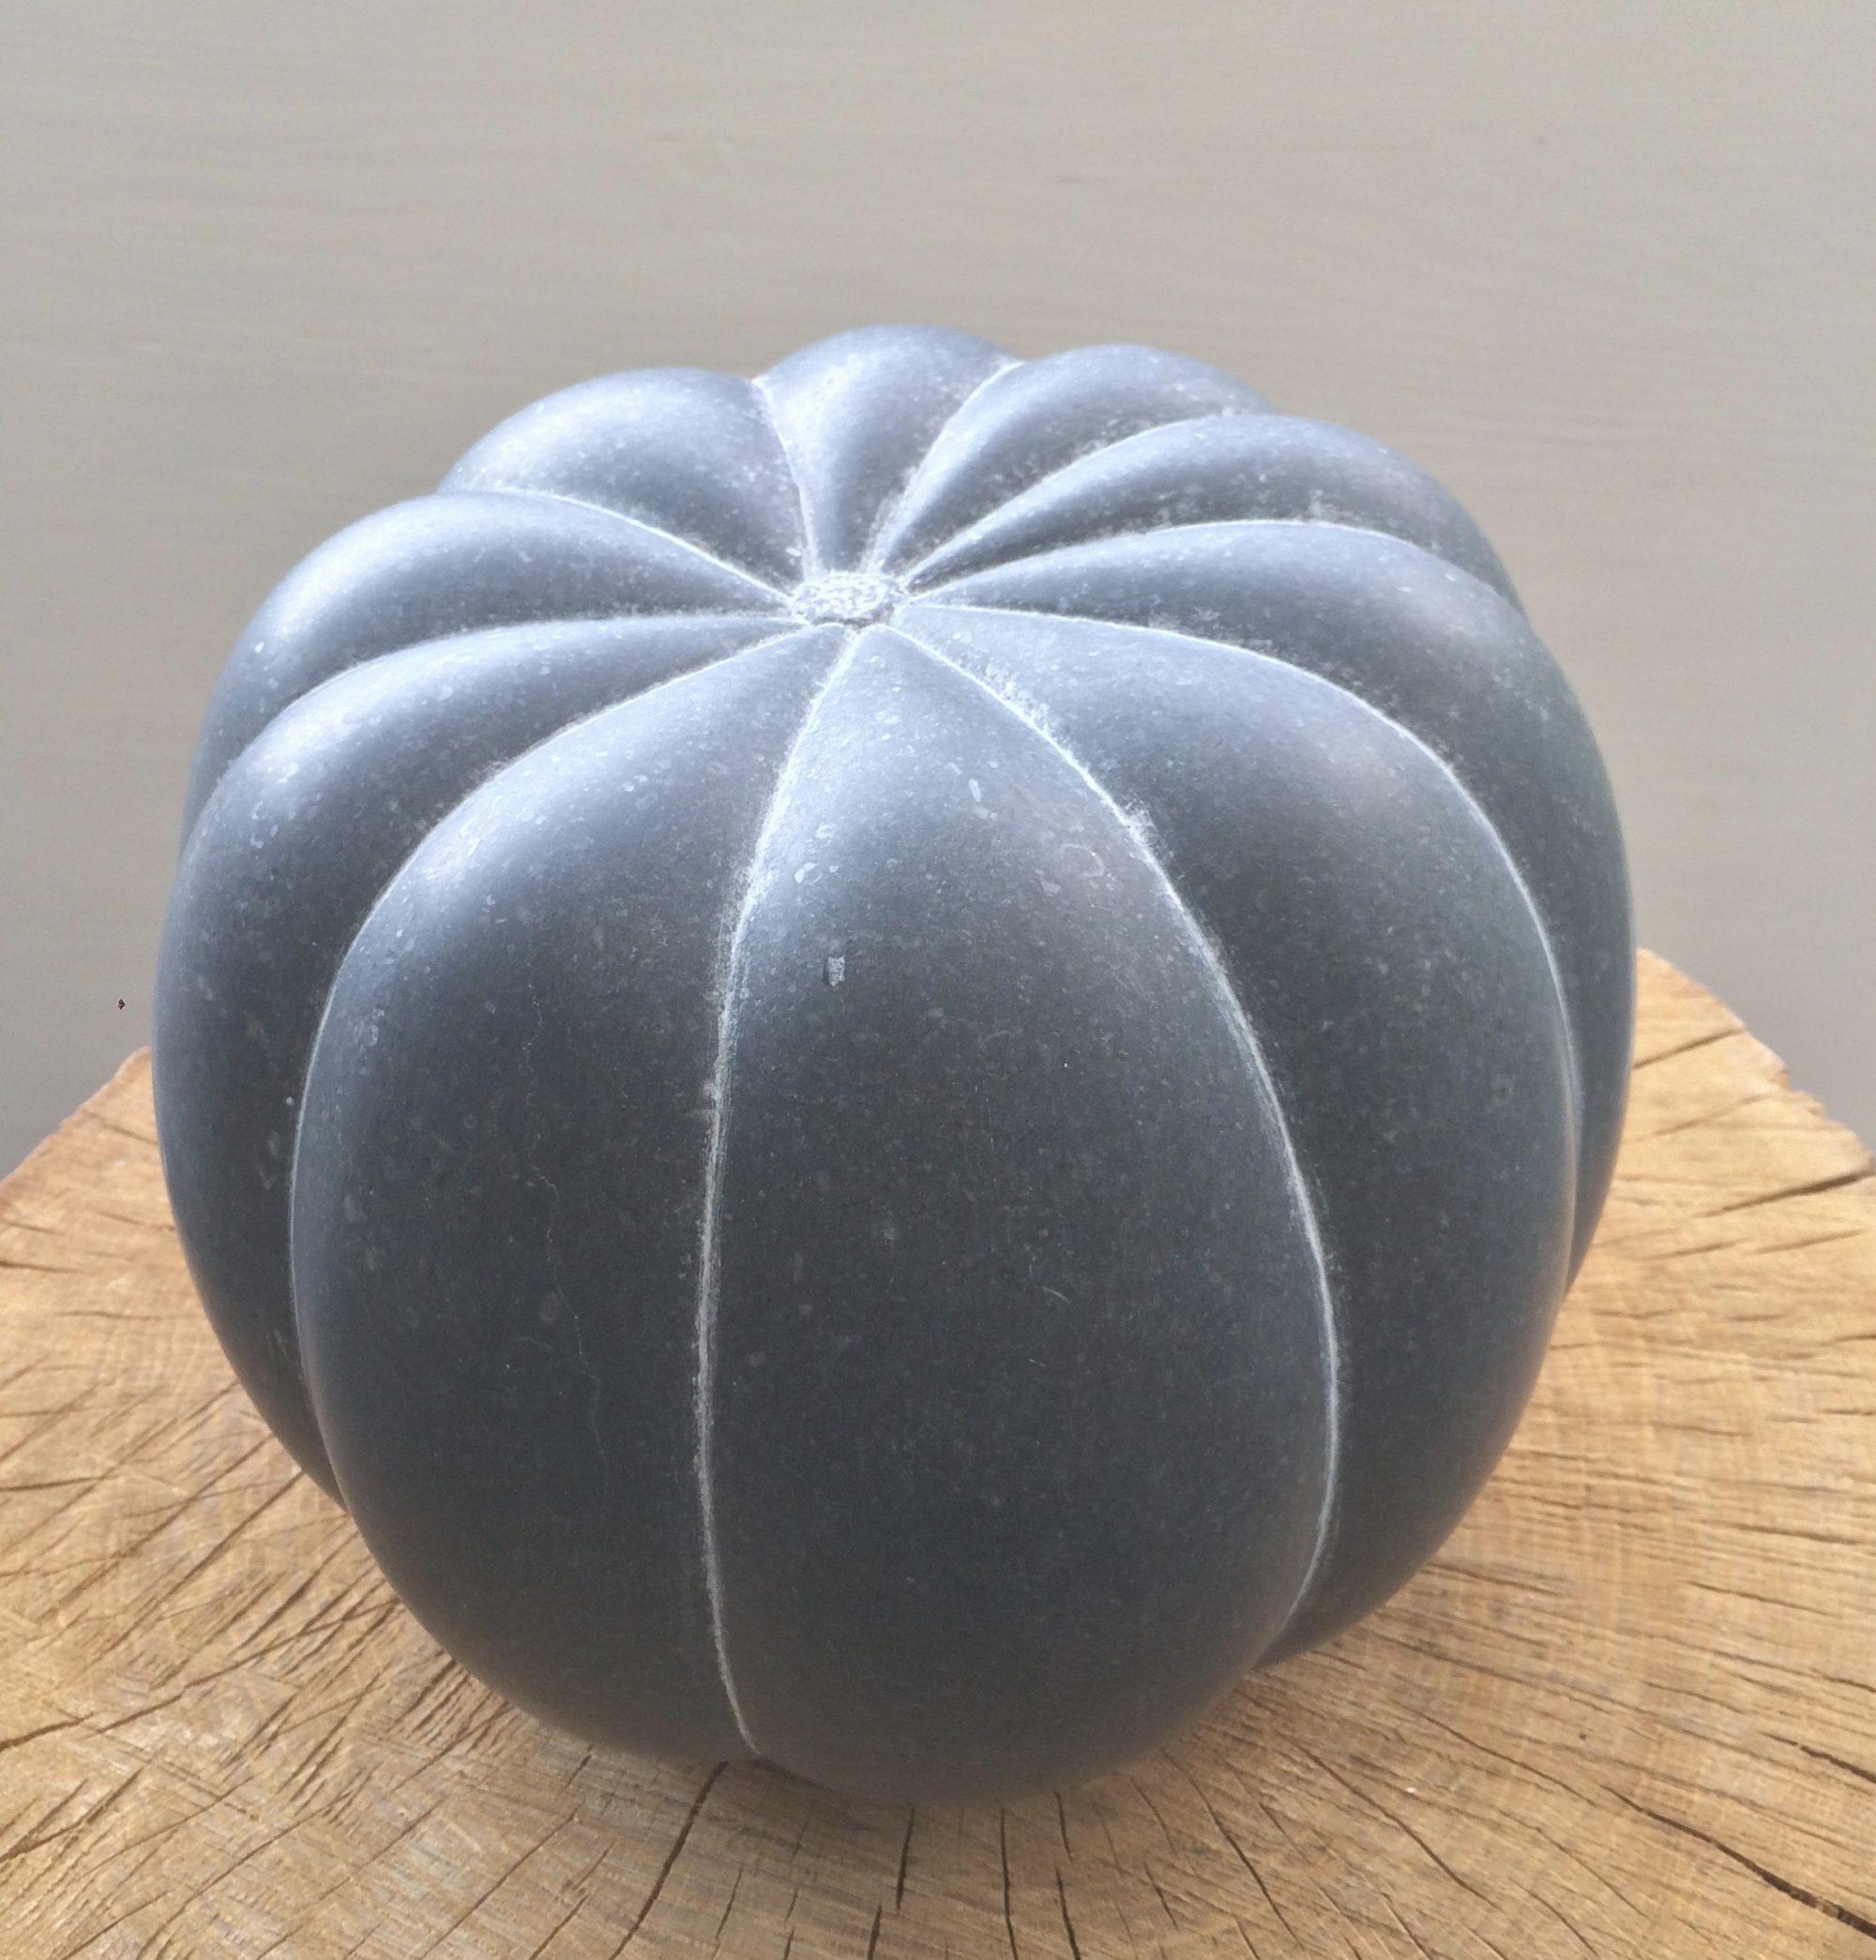 Black Satsuma image